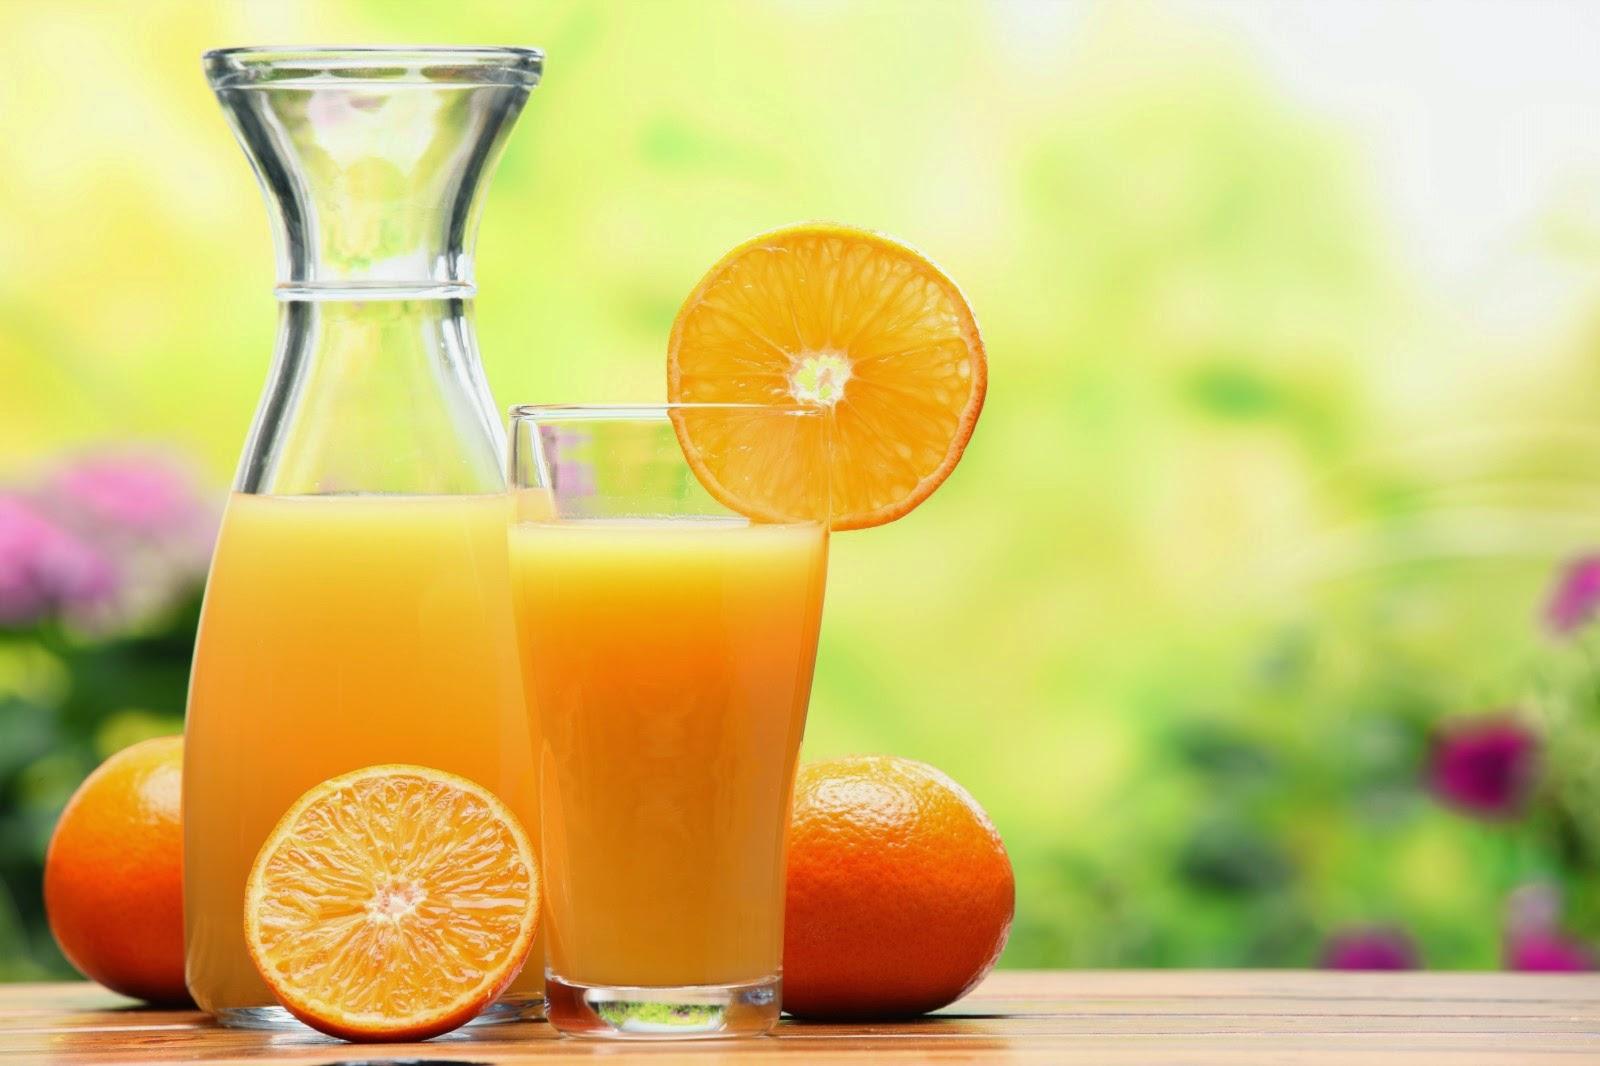 عصير البرتقال الأكثر خطورة على الإنسان